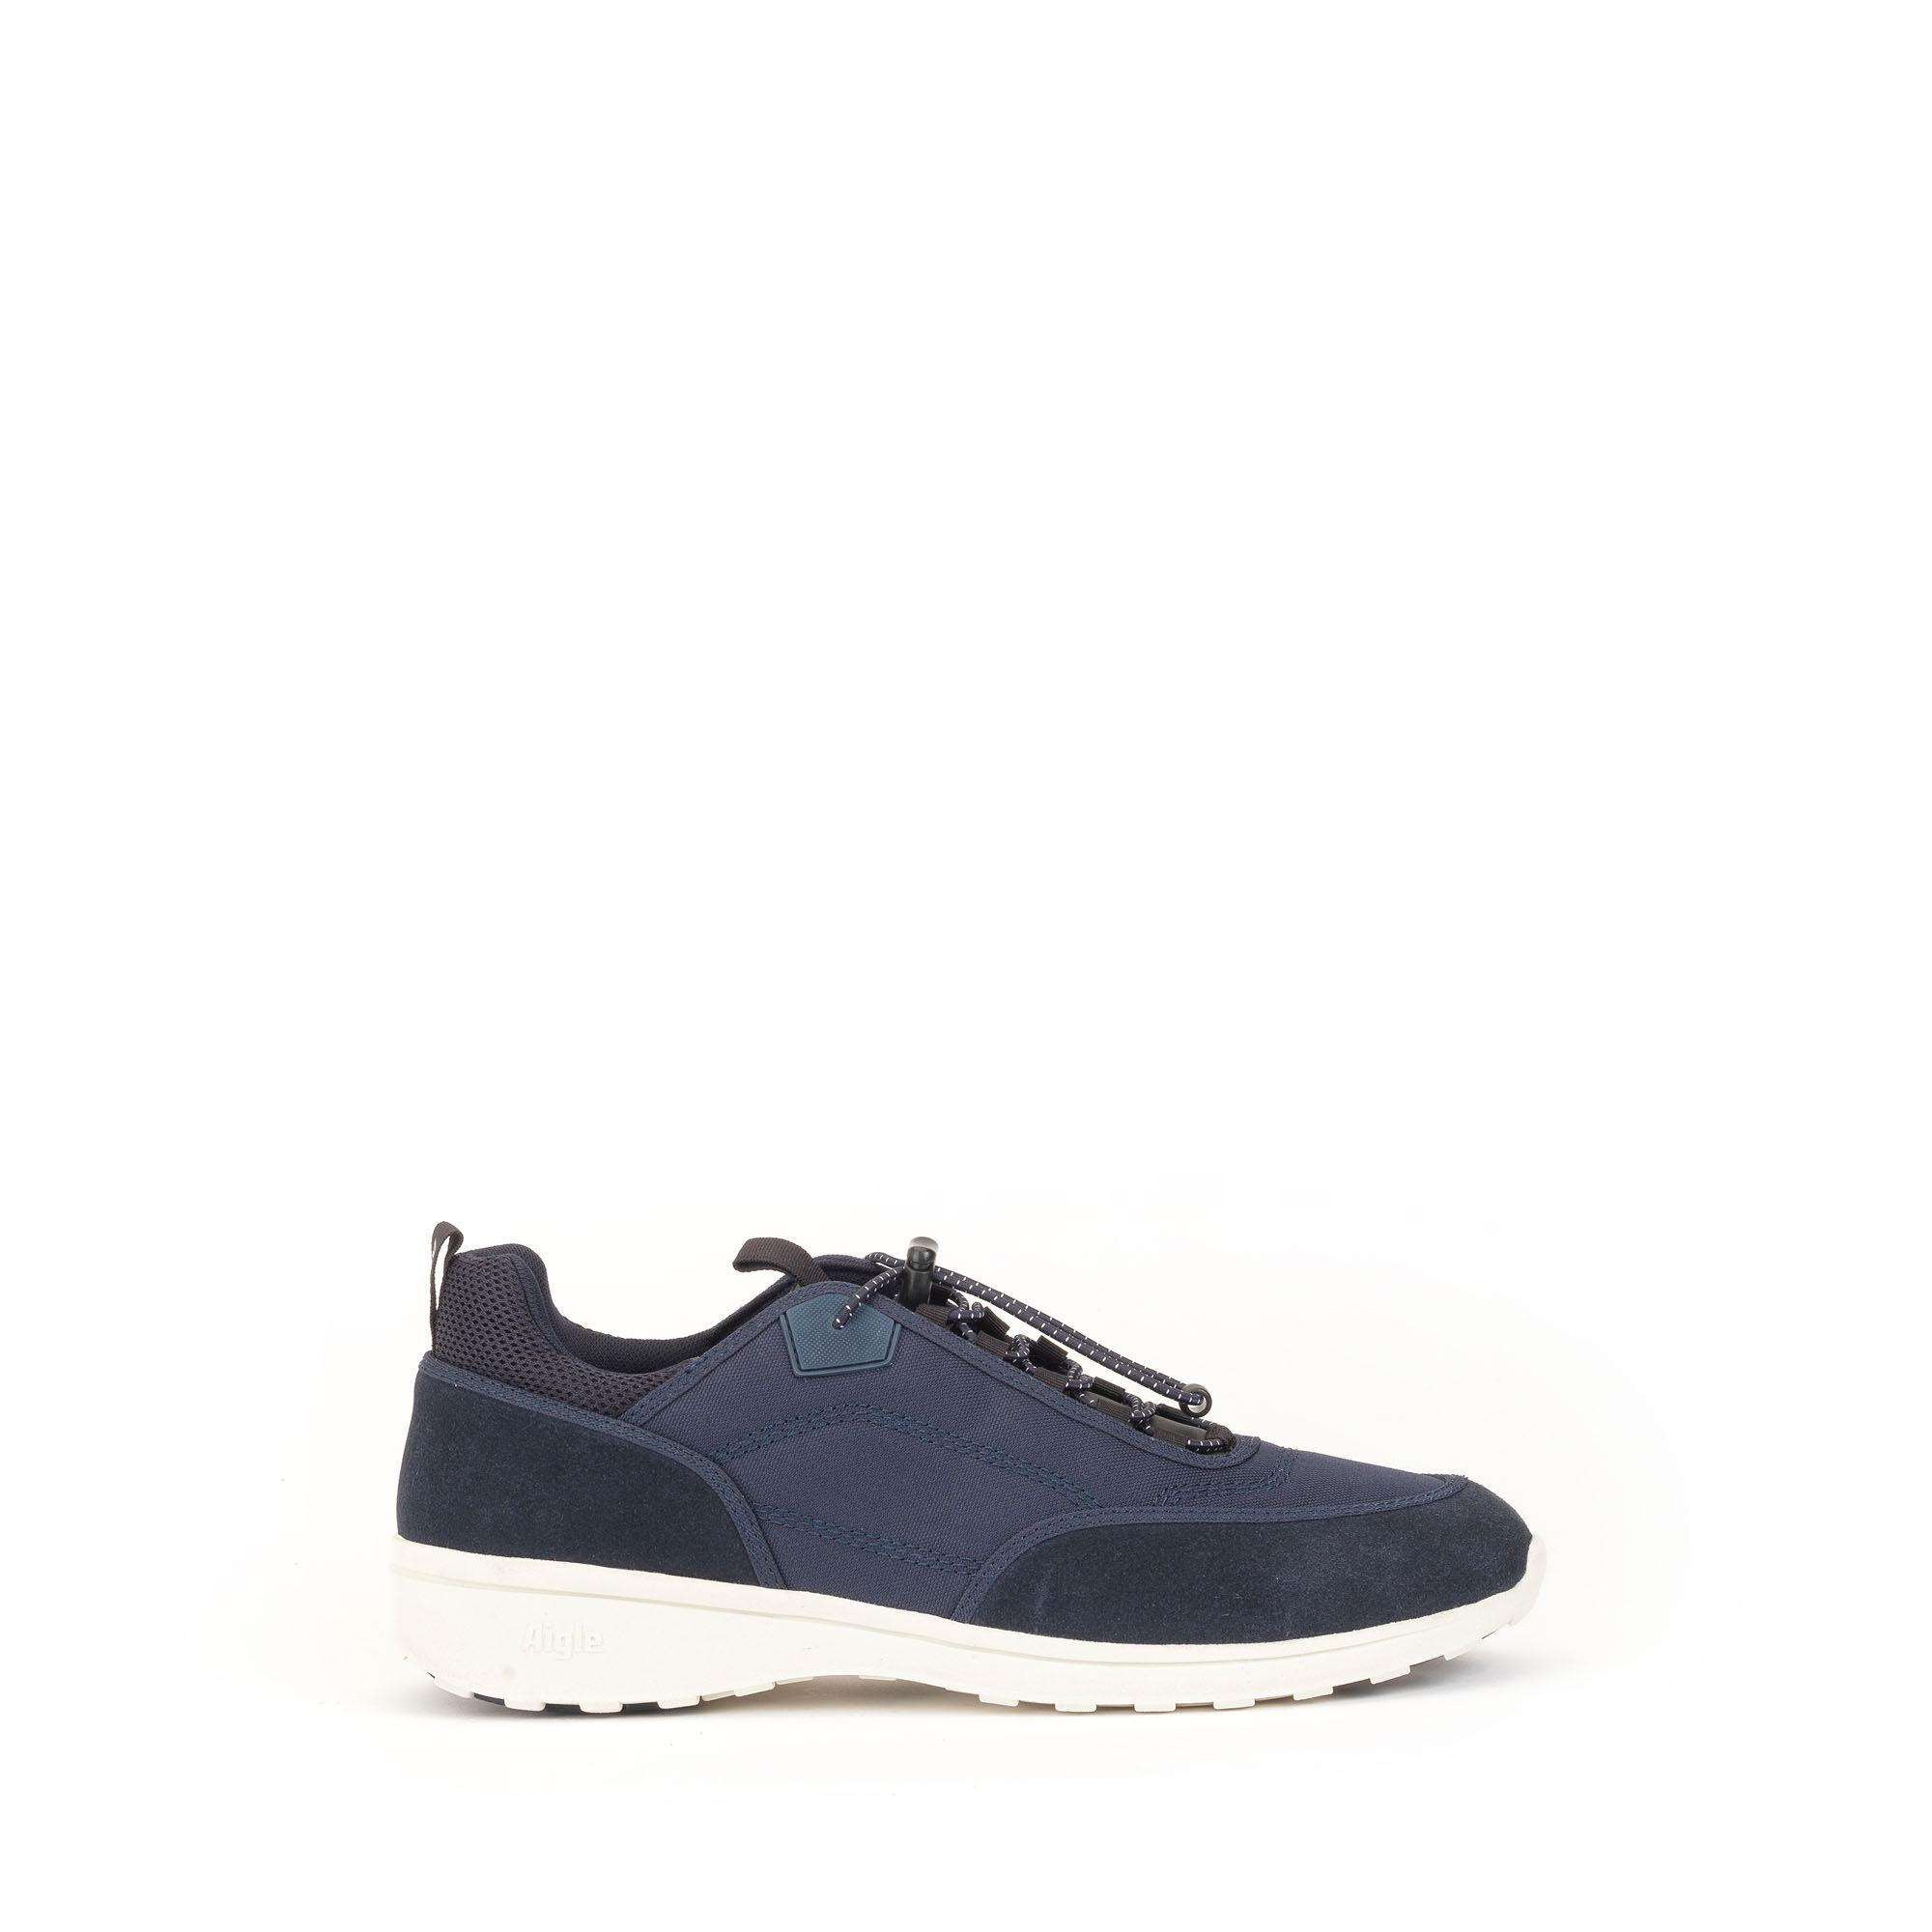 Chaussures - Chaussures À Lacets-gu Ica Lwv1FH7q0